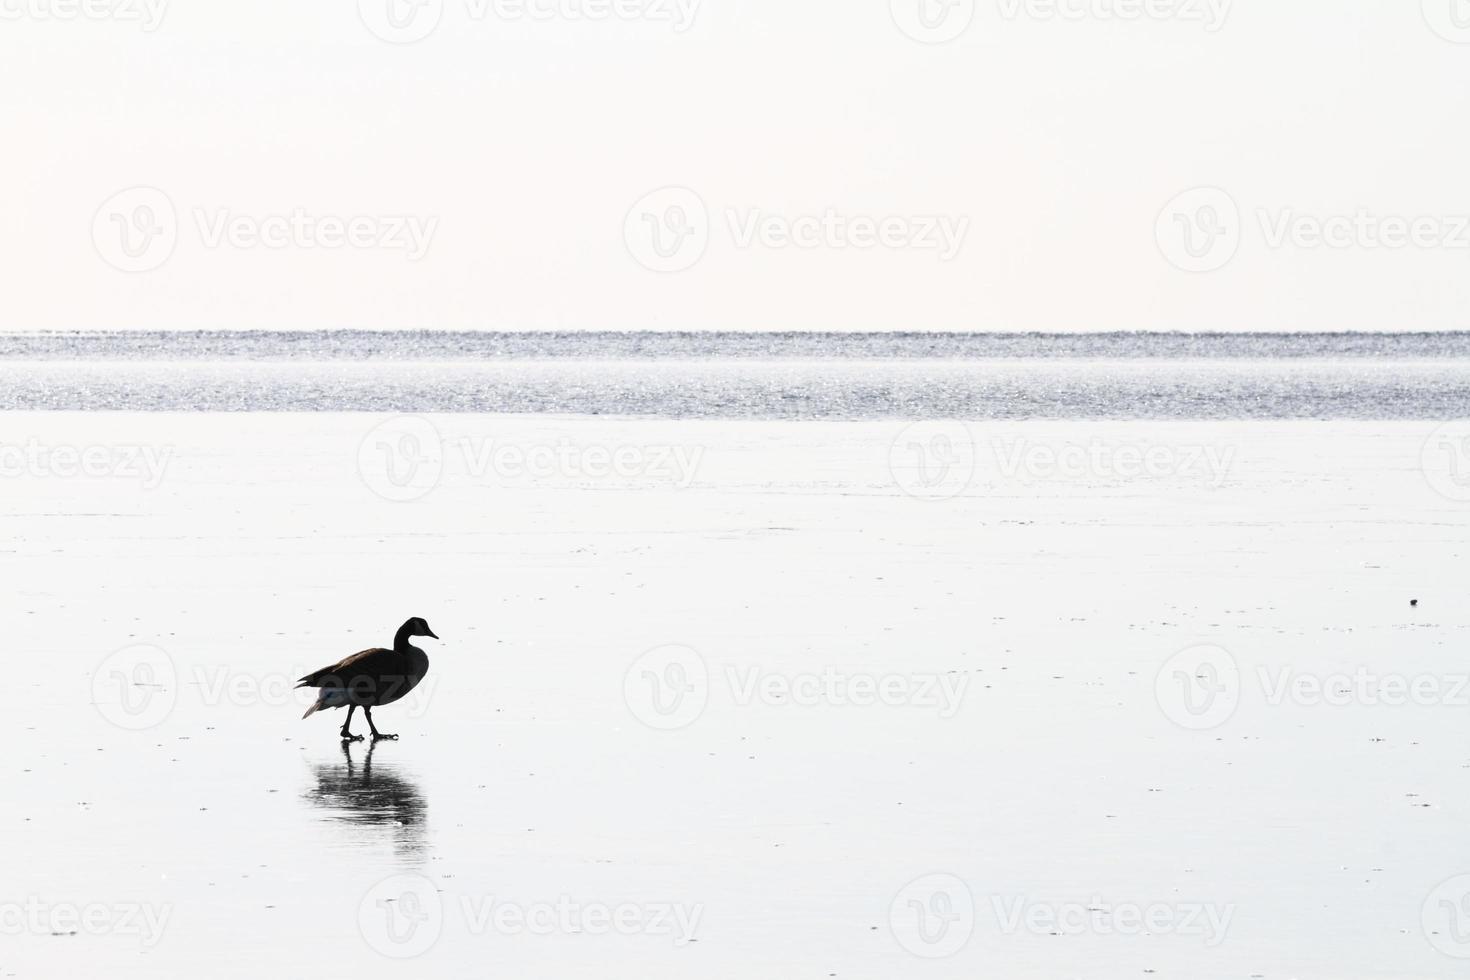 Kanadische Gans auf zugefrorenem See foto